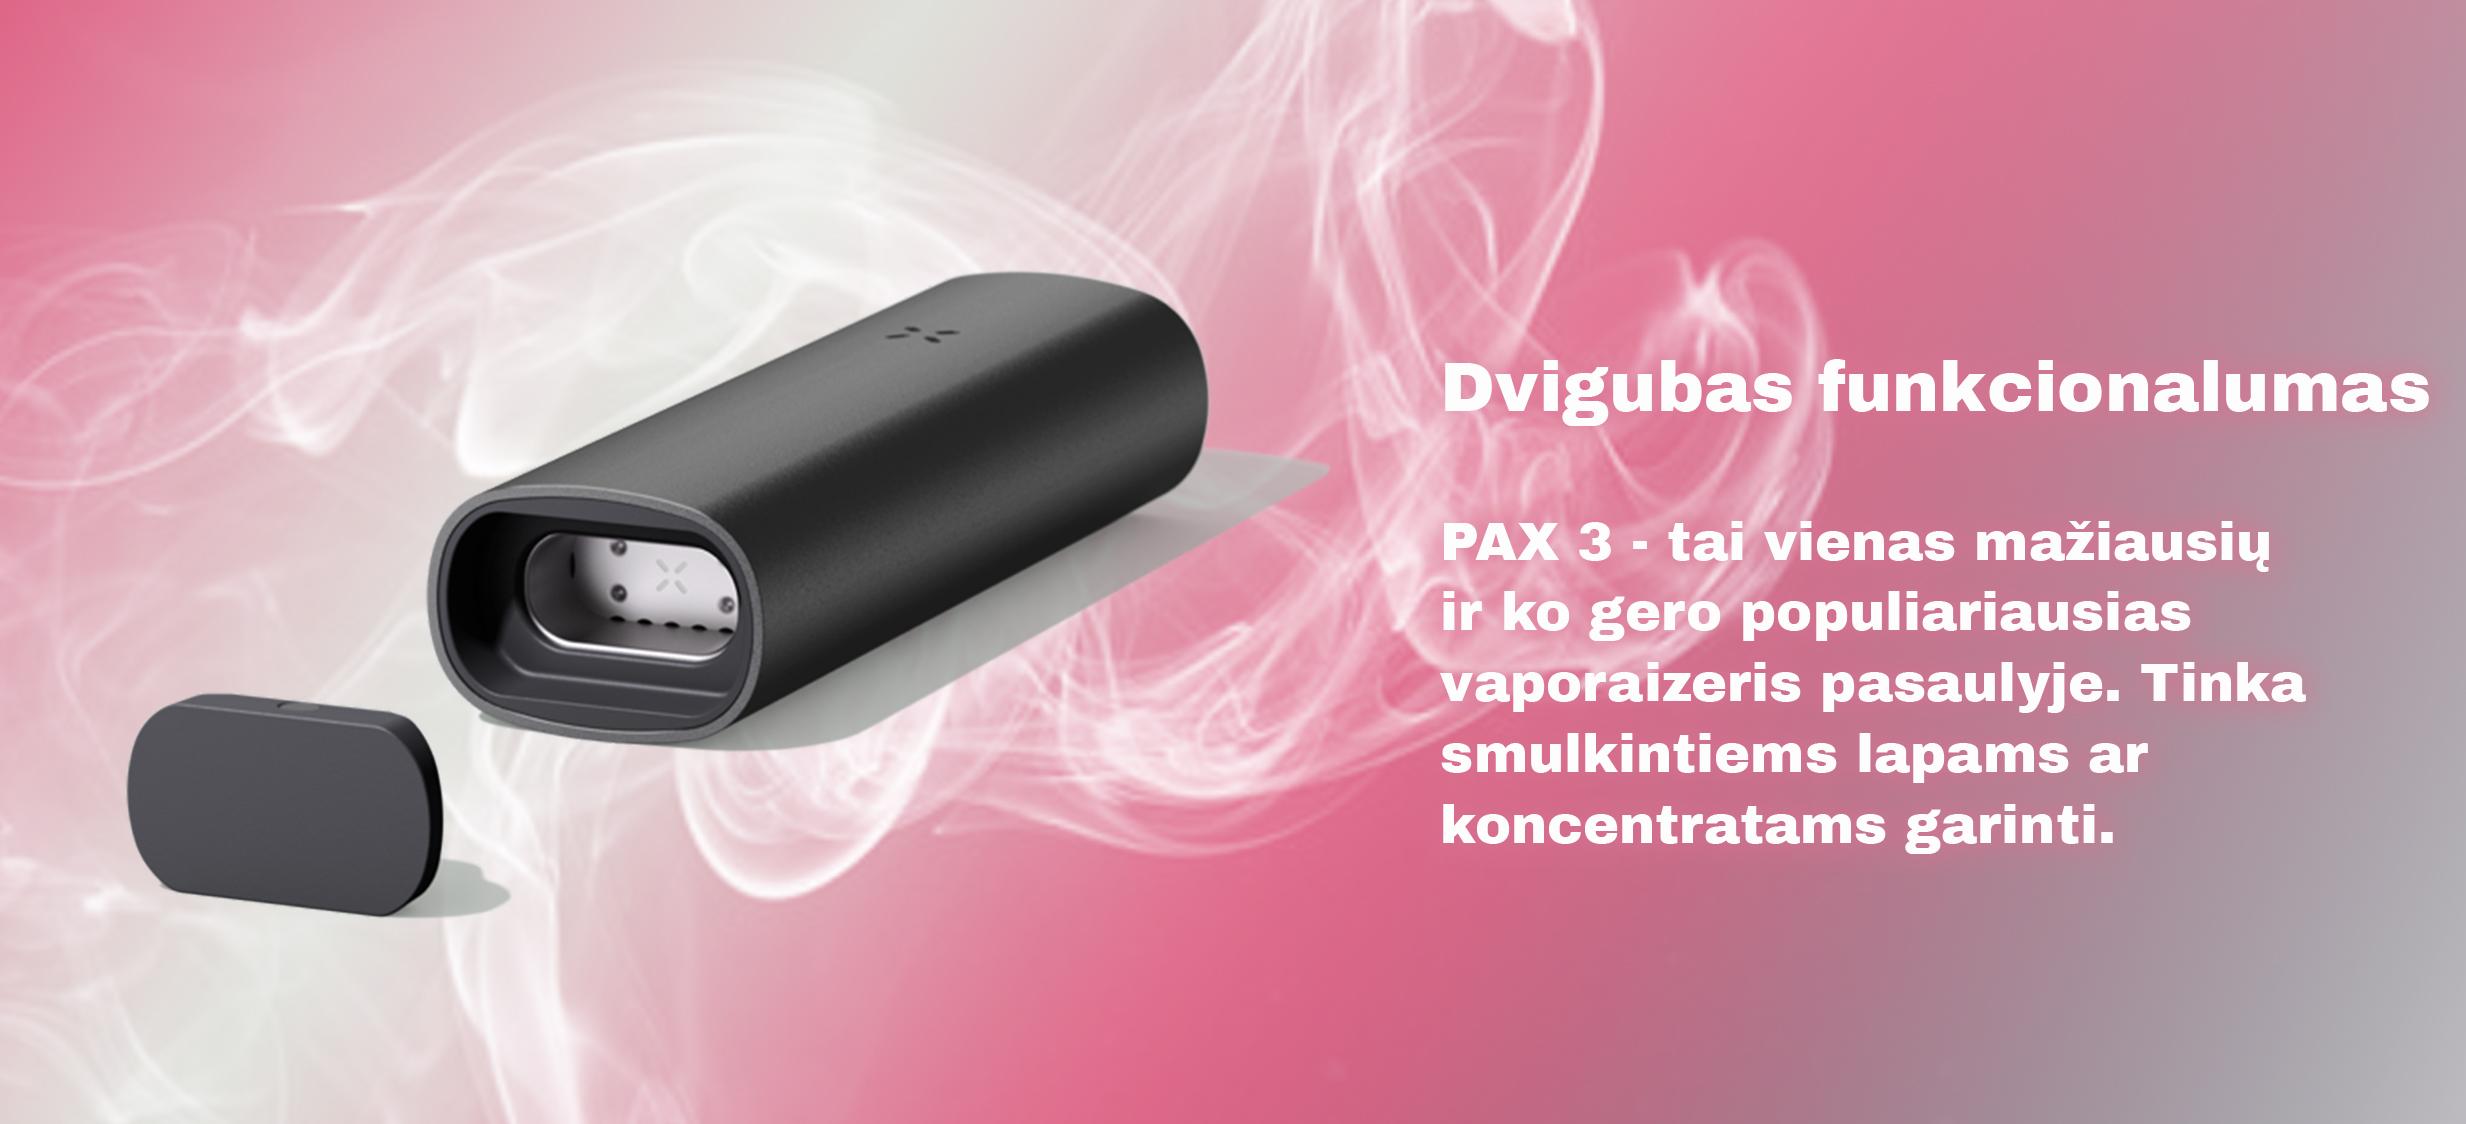 Naujasis PAX3 vaporaizeris